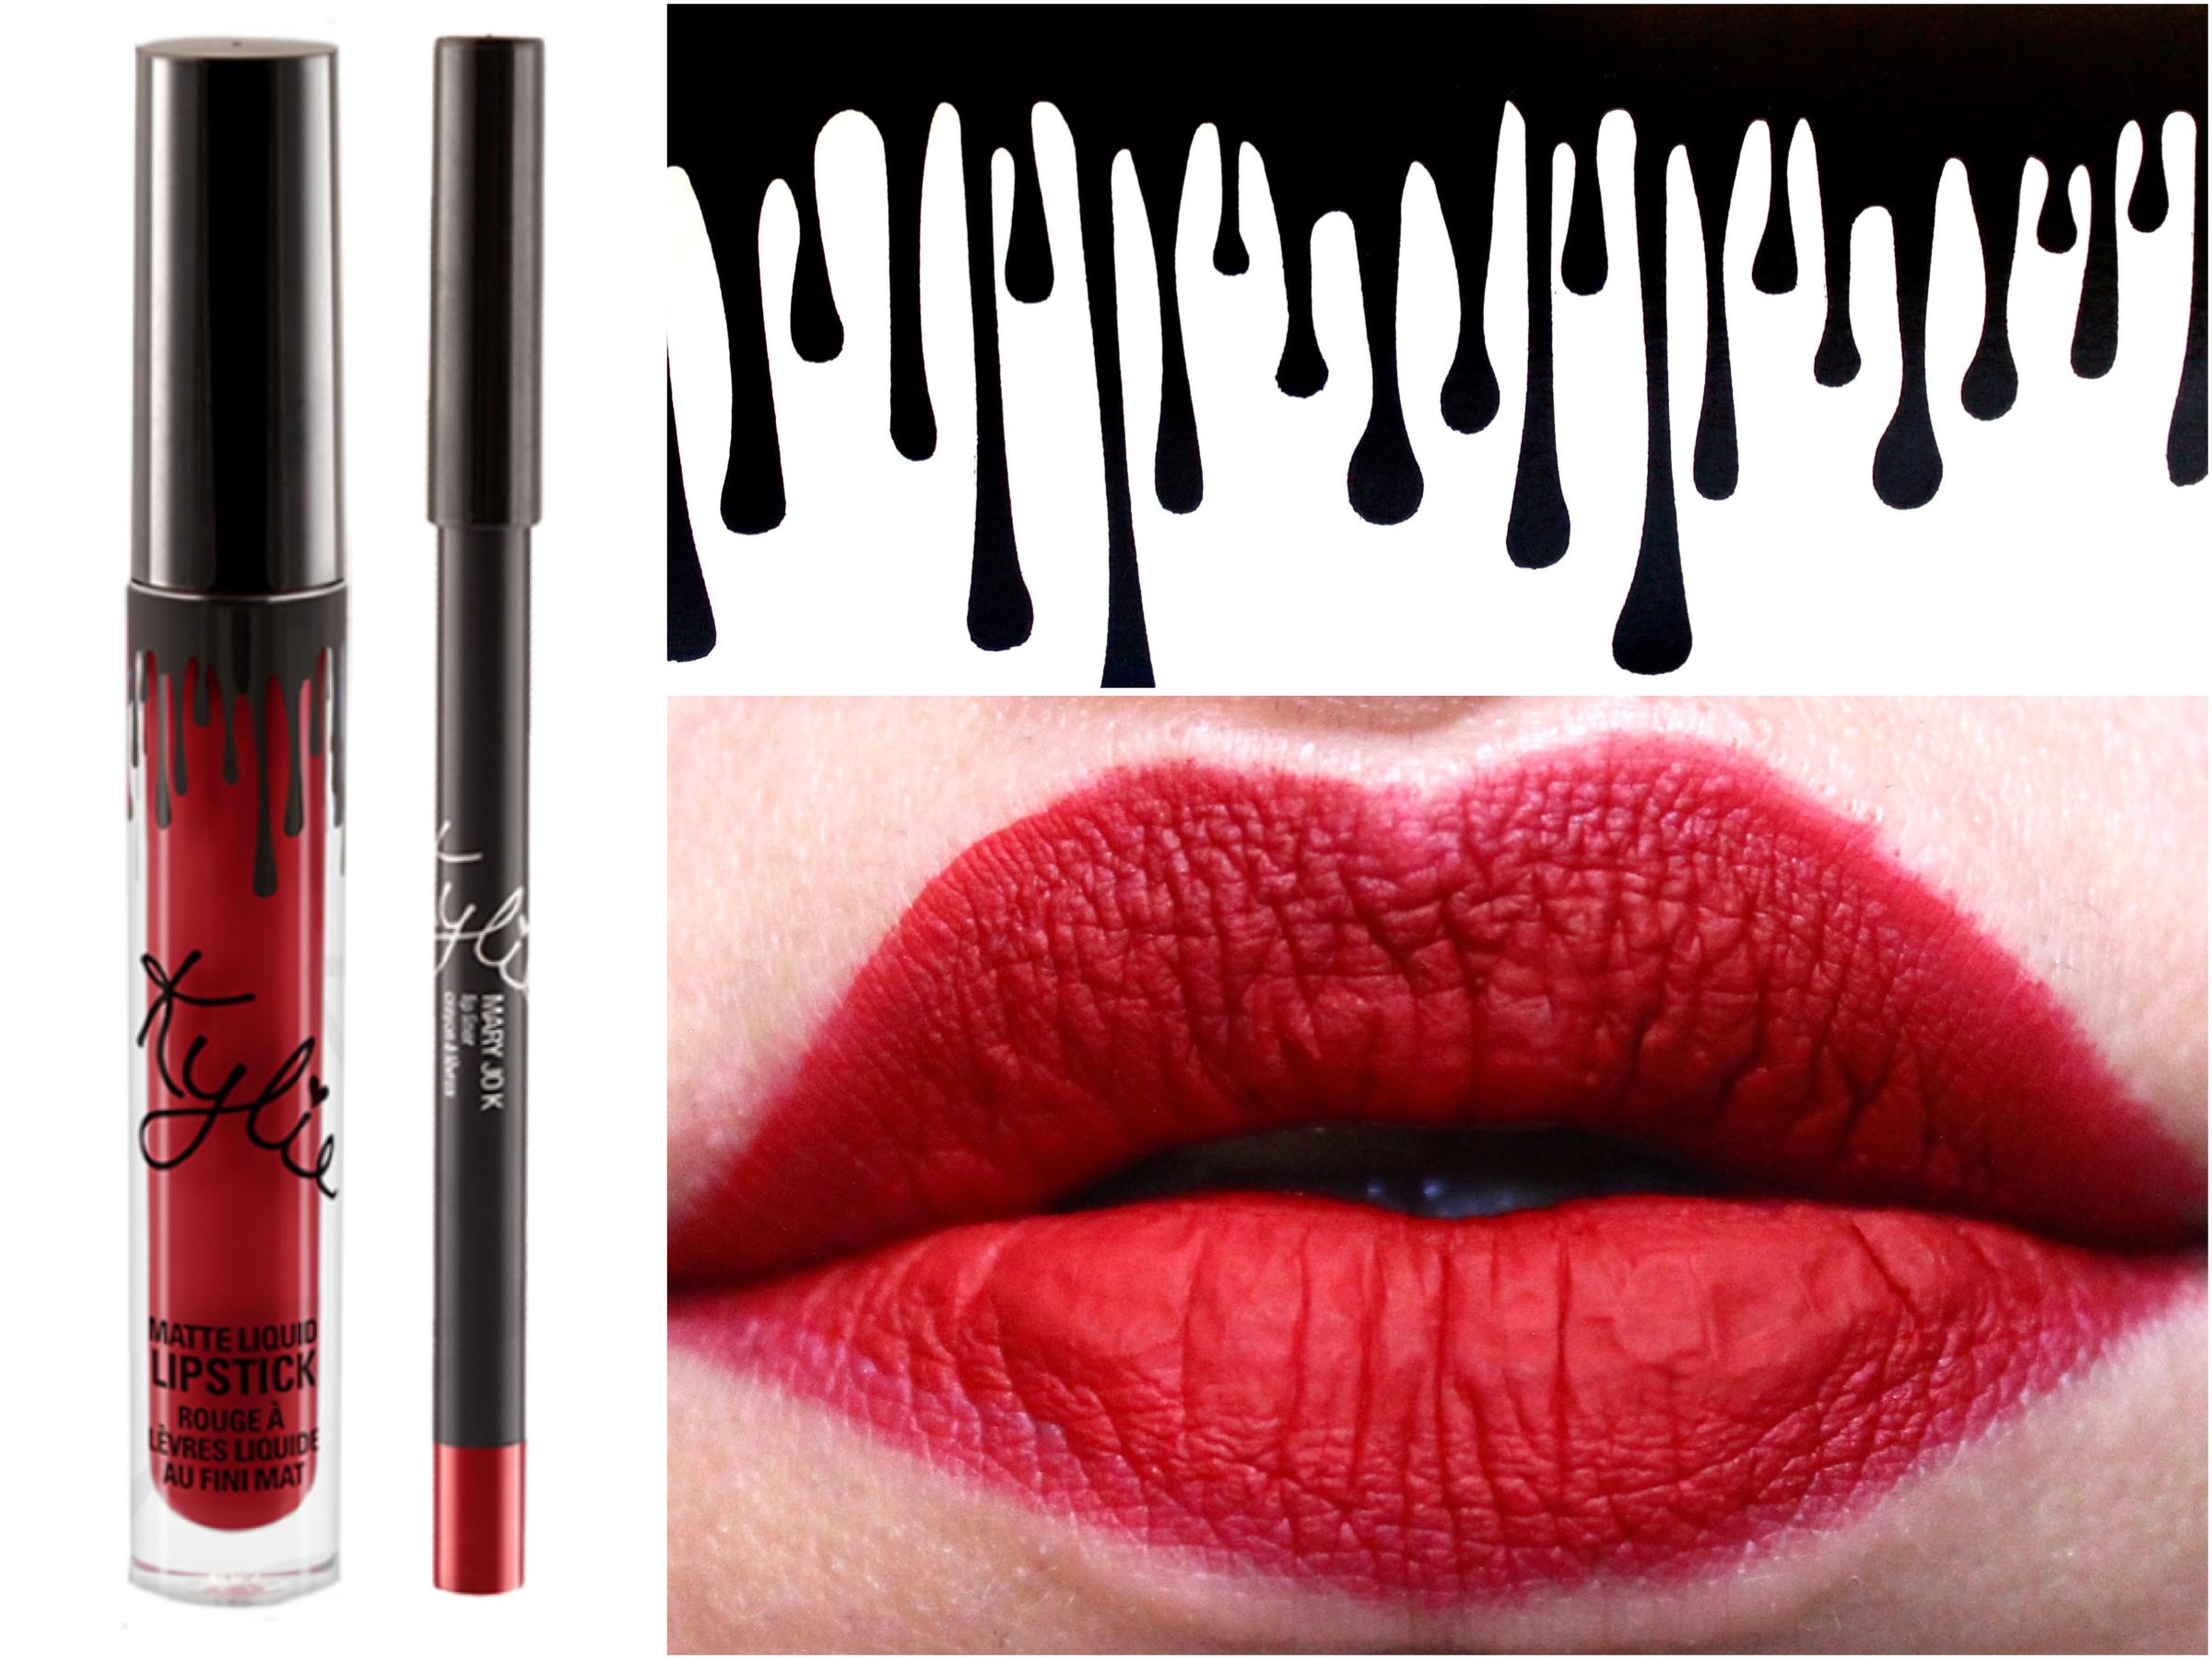 Kylie Jenner Lip Kit Mary Jo K Review Swatches Lipstik